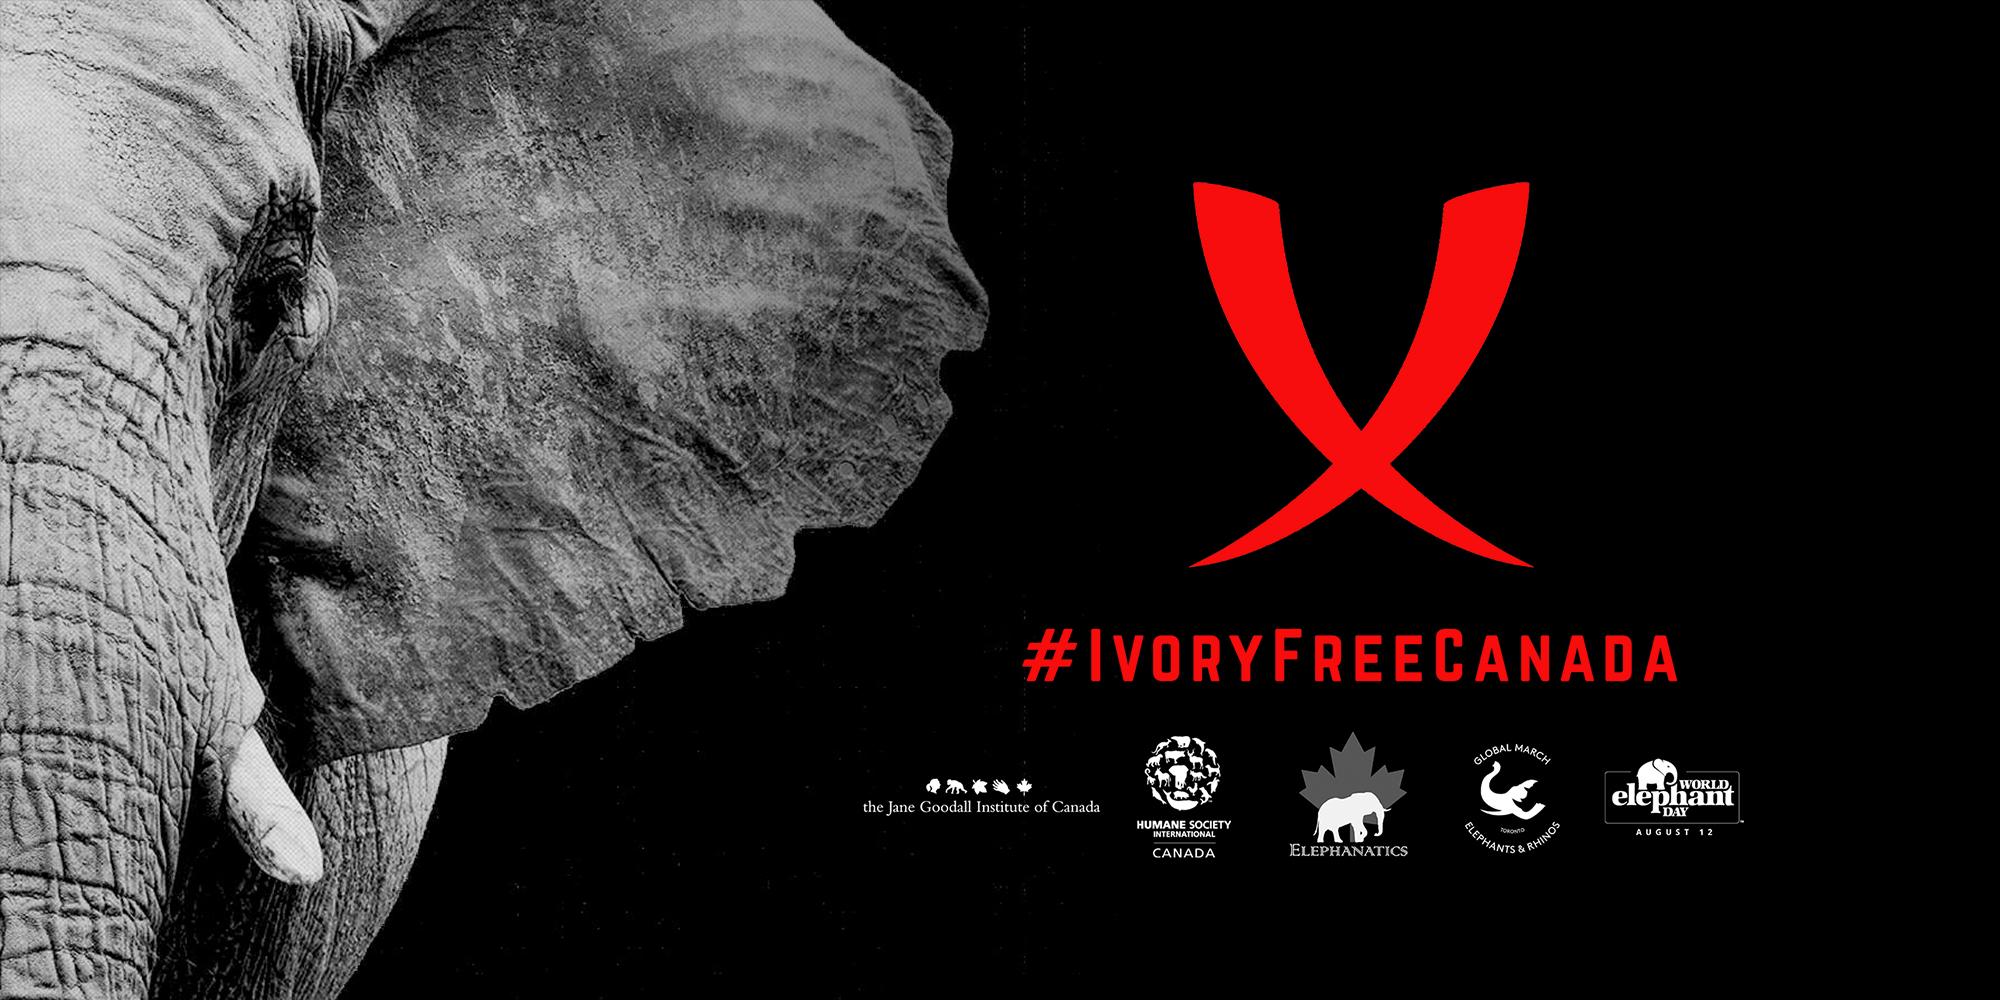 IvoryFreeCanada-SM-Facebook-Header1